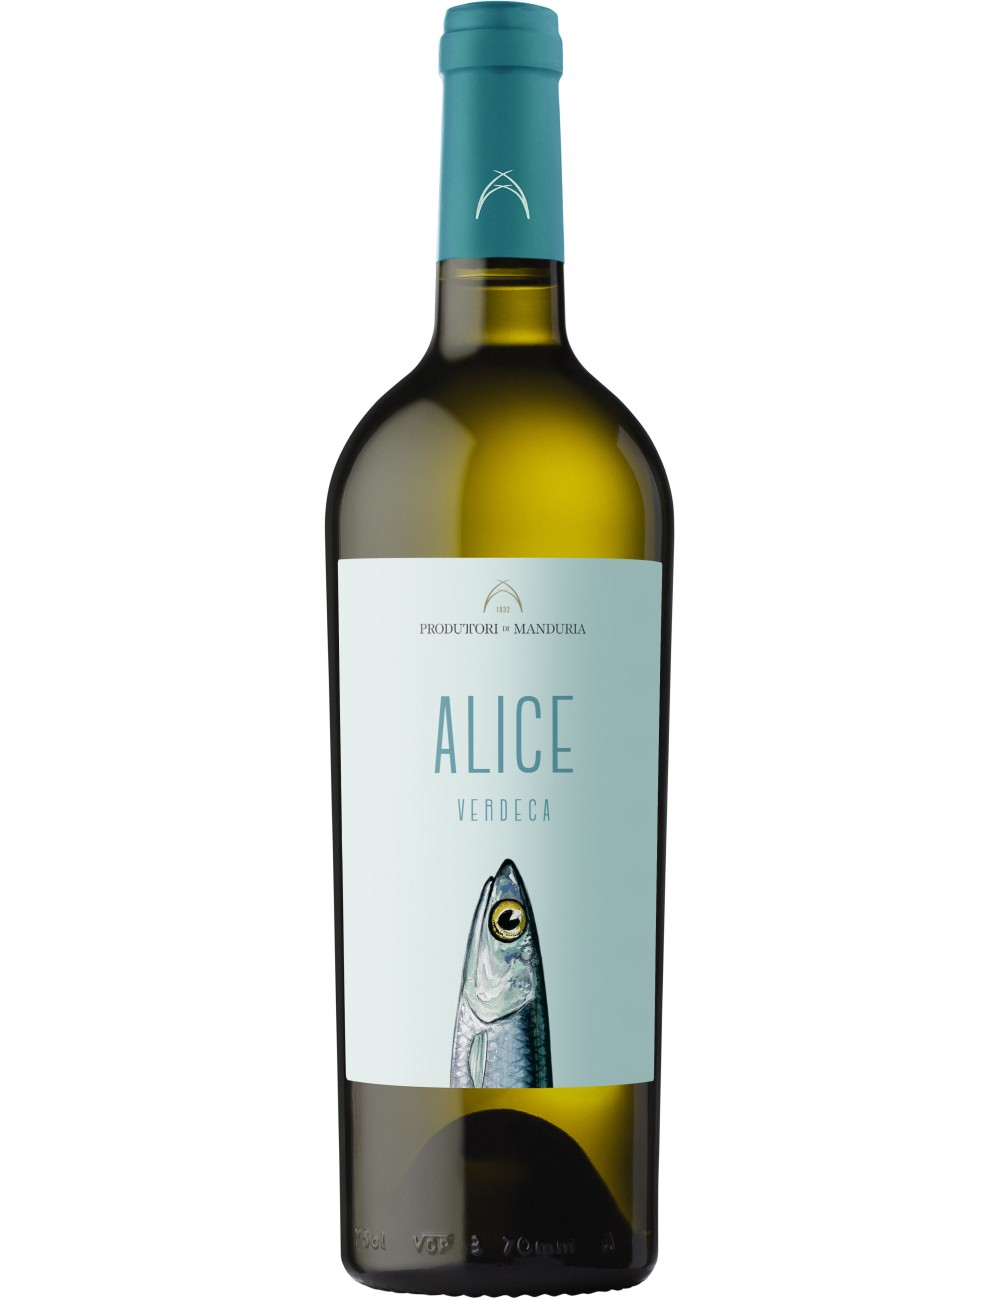 ALICE 2020 - 750 ML